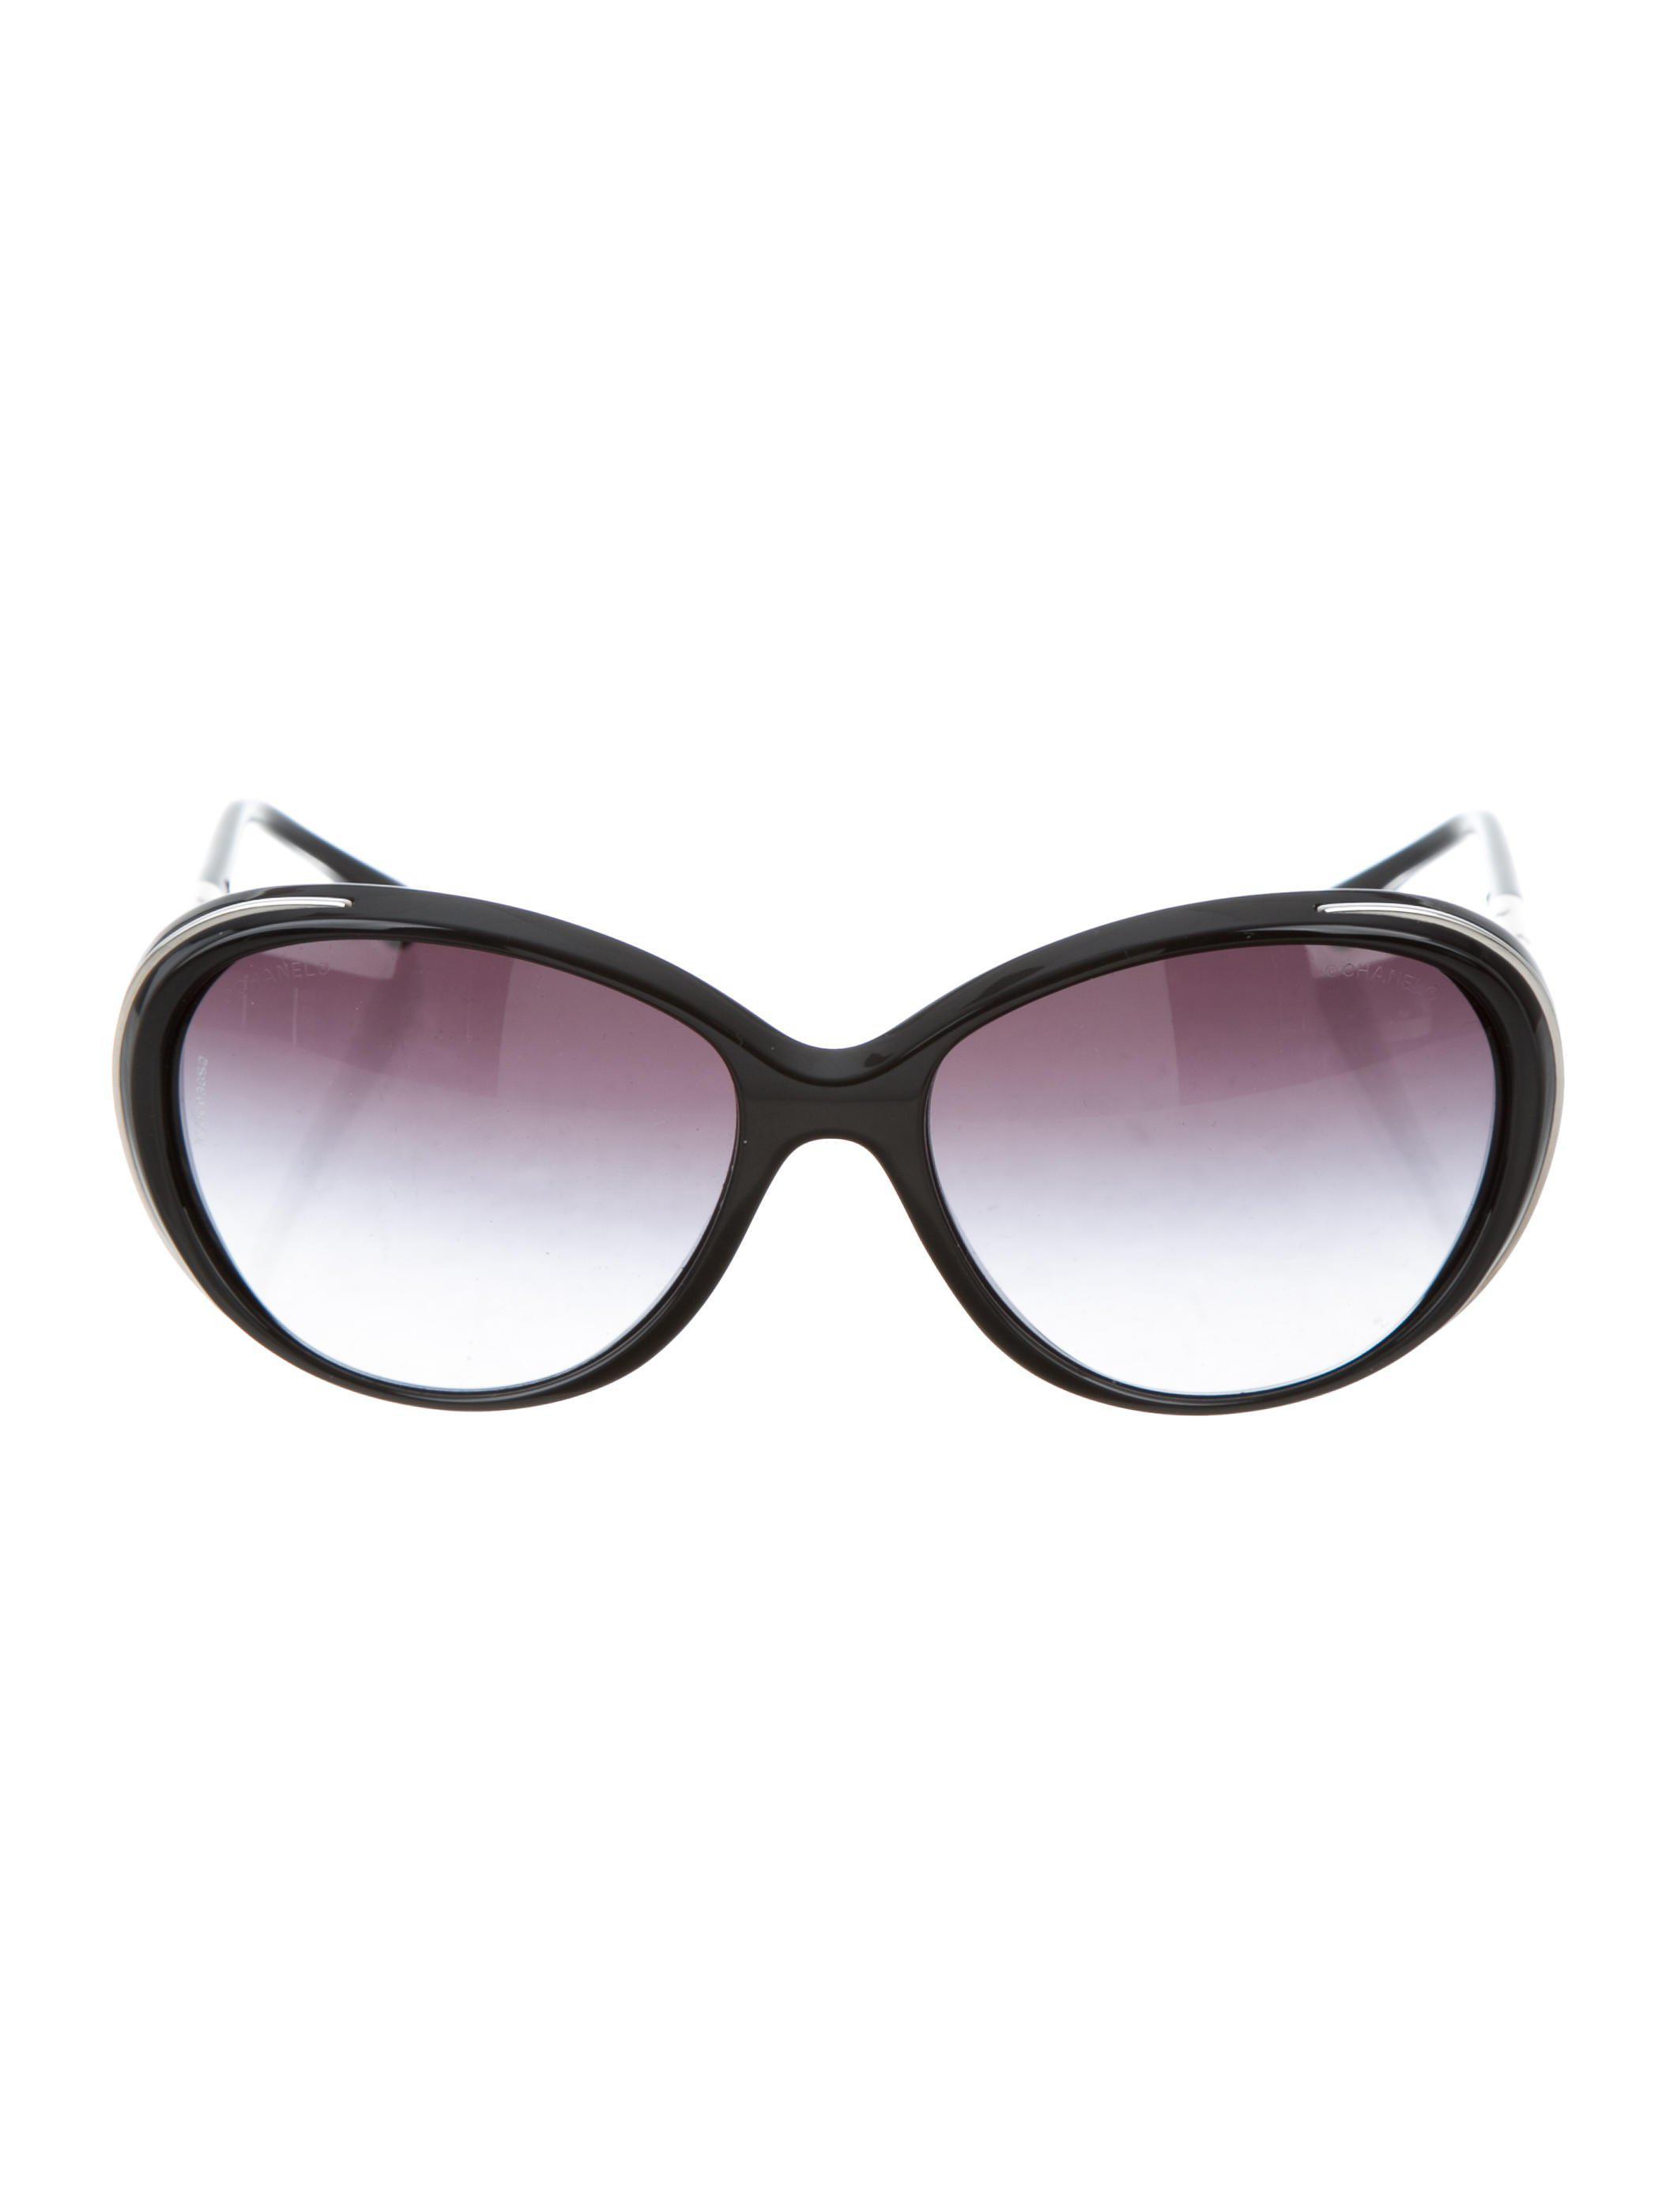 e7ef92ca2f96 Lyst - Chanel Cc Round Sunglasses Black in Metallic